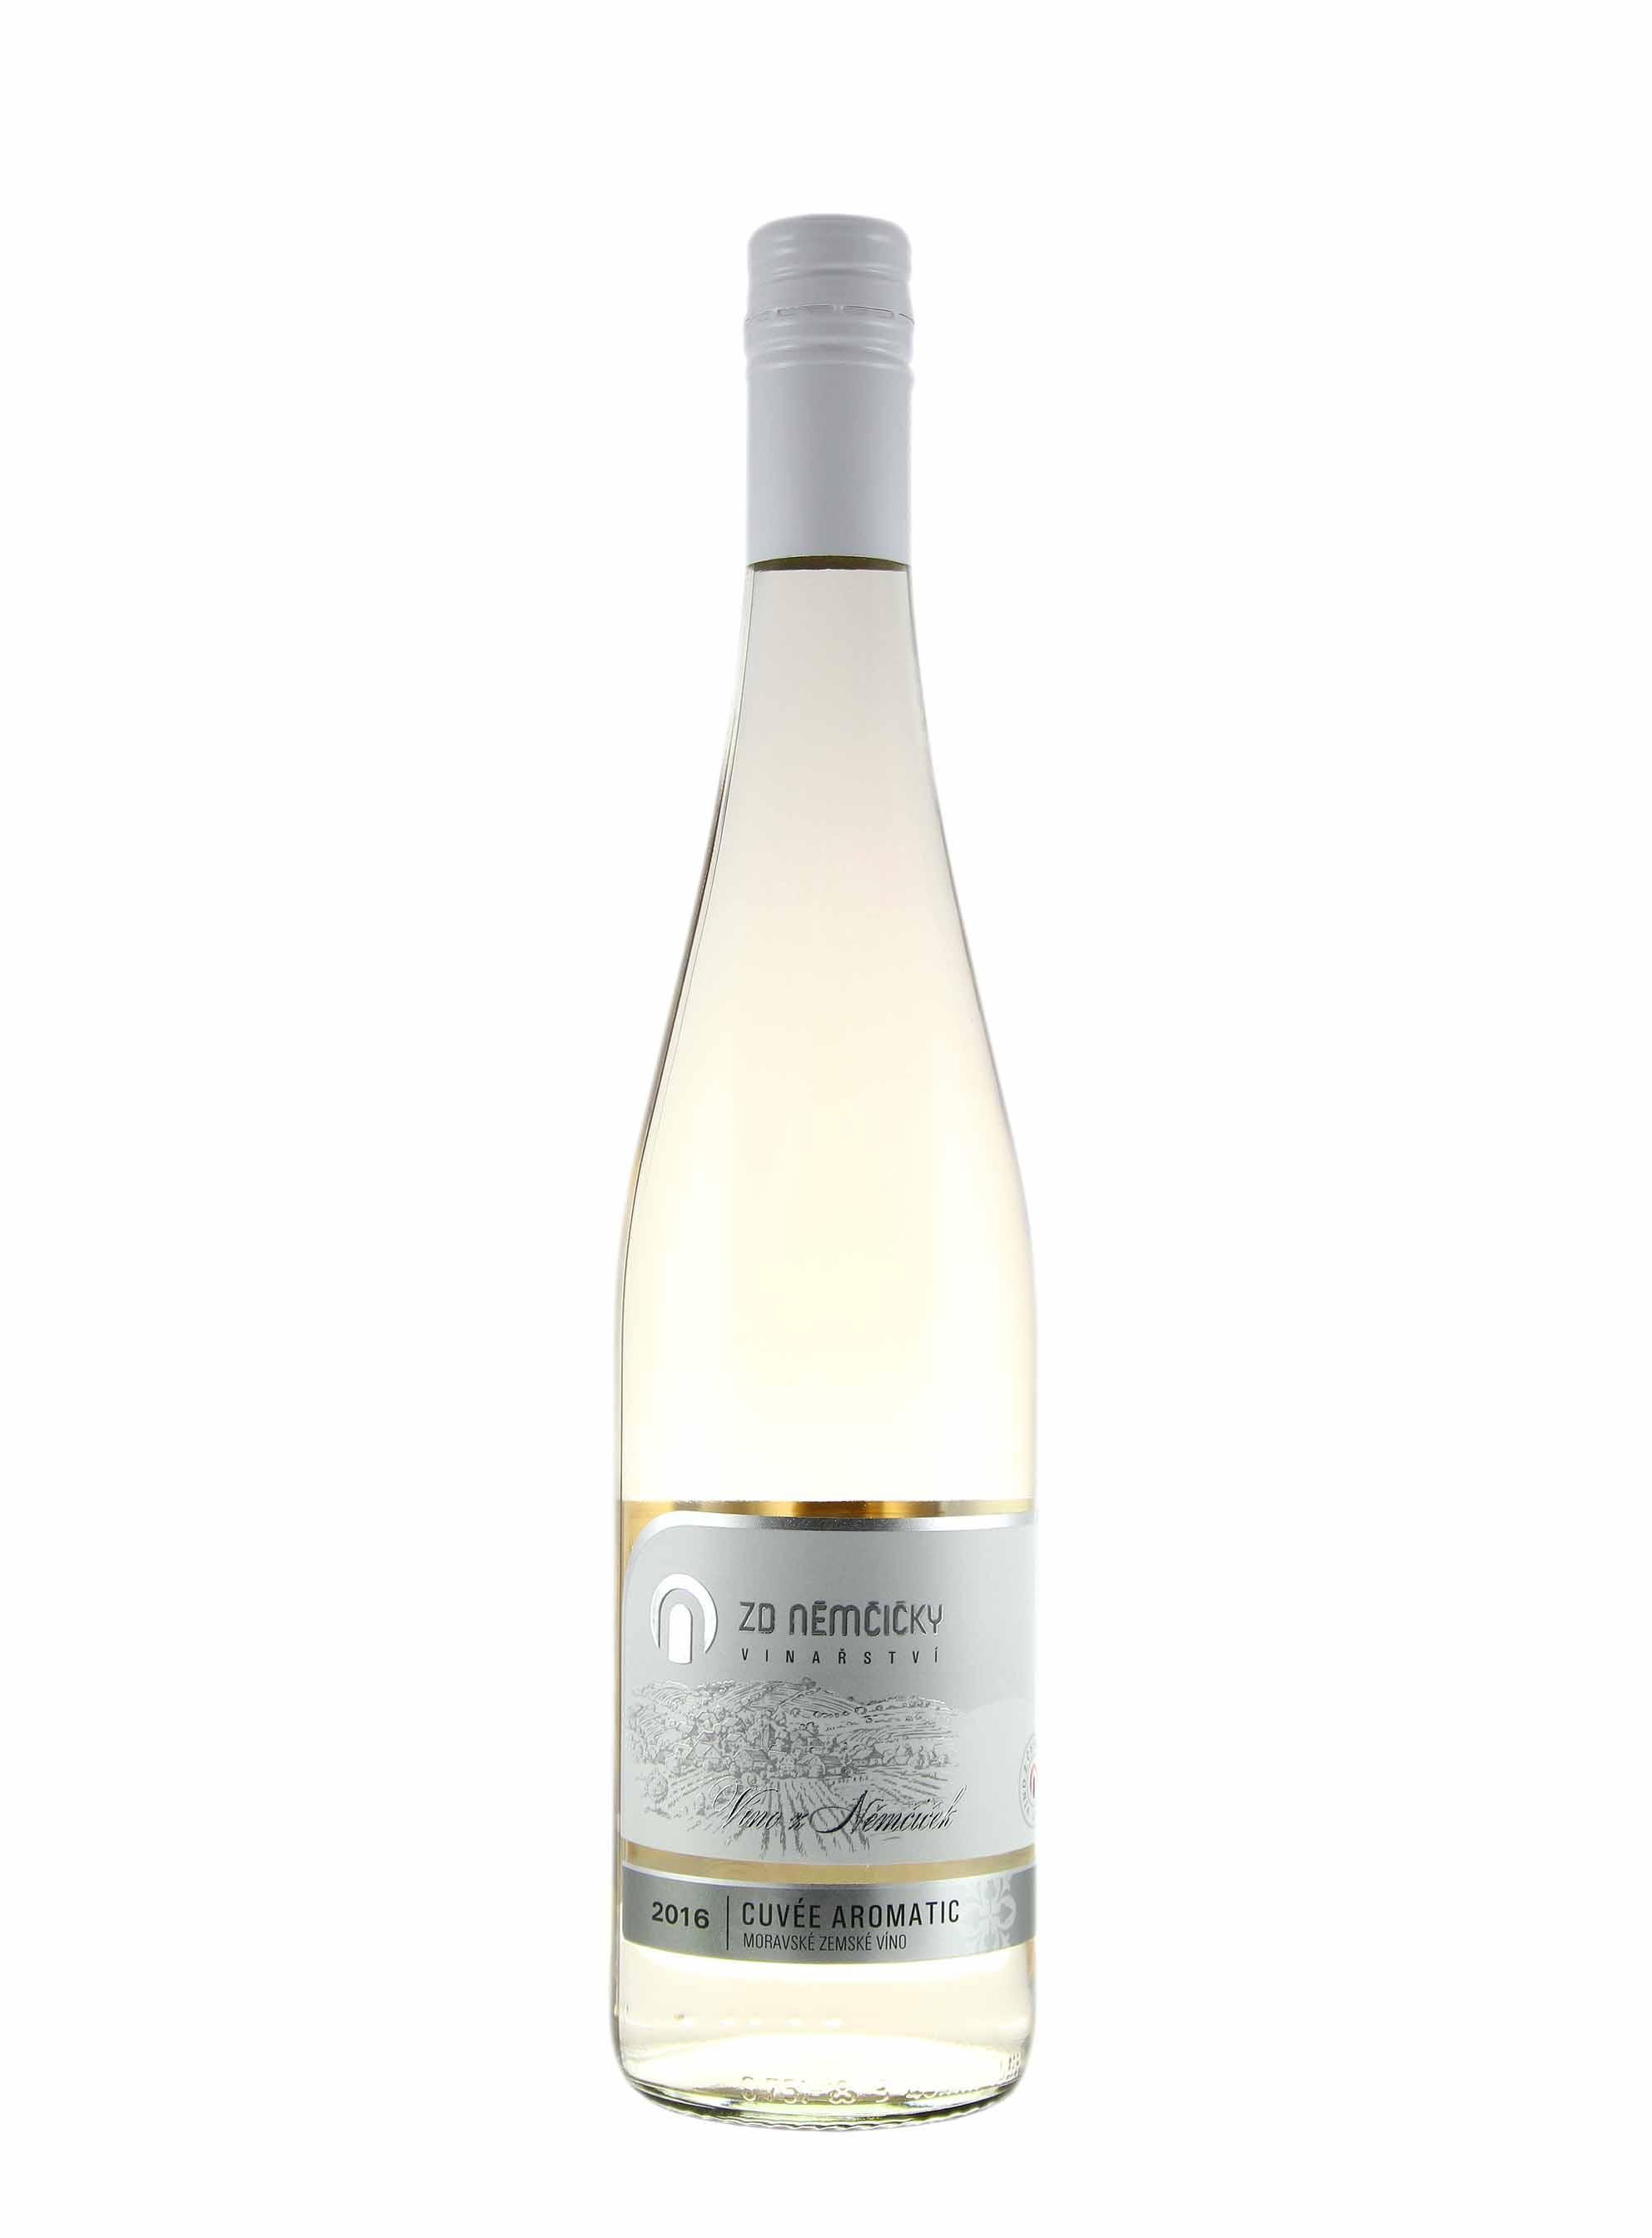 Cuvée Aromatic, Klasik, Zemské - Klaret, 2016, ZD Němčičky, 0.75 l